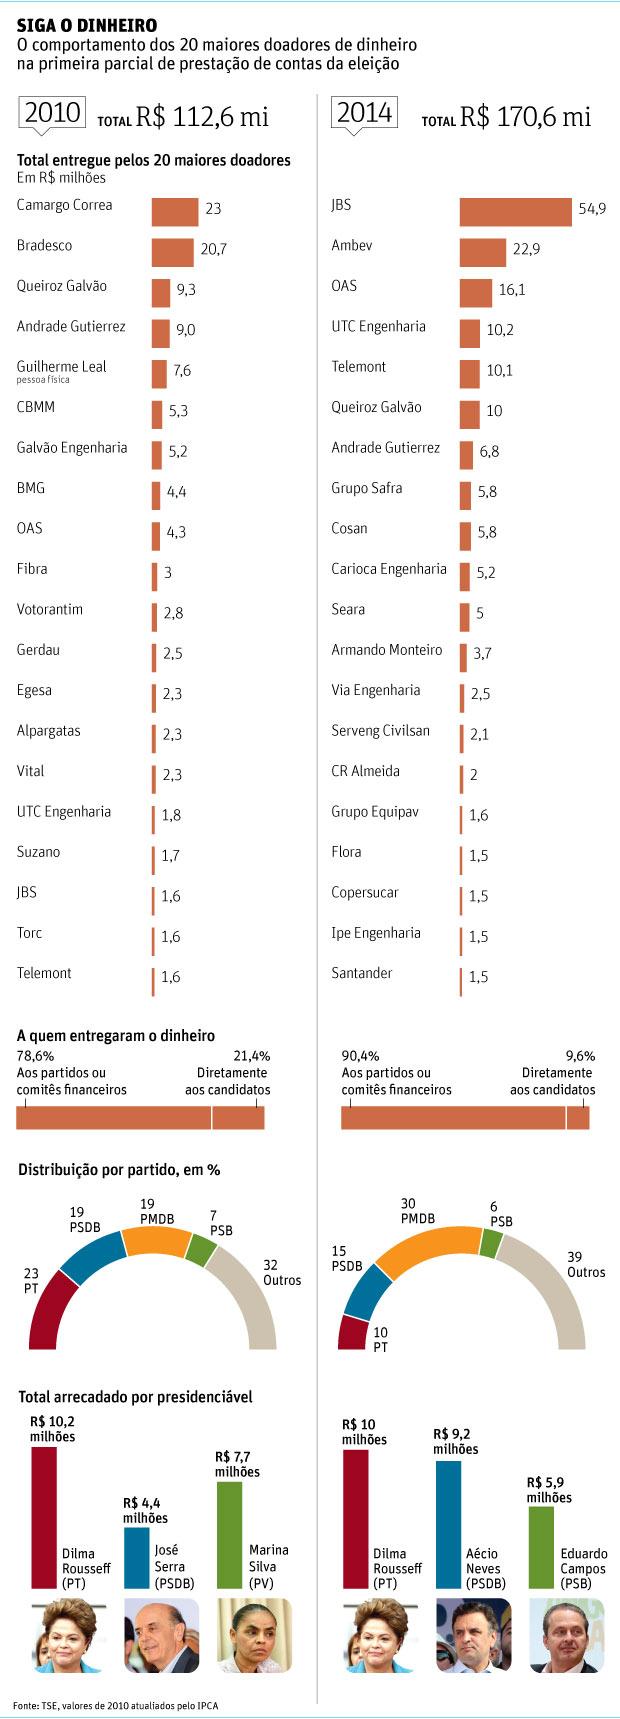 A lista dos maiores doadores publicada pela Folha.